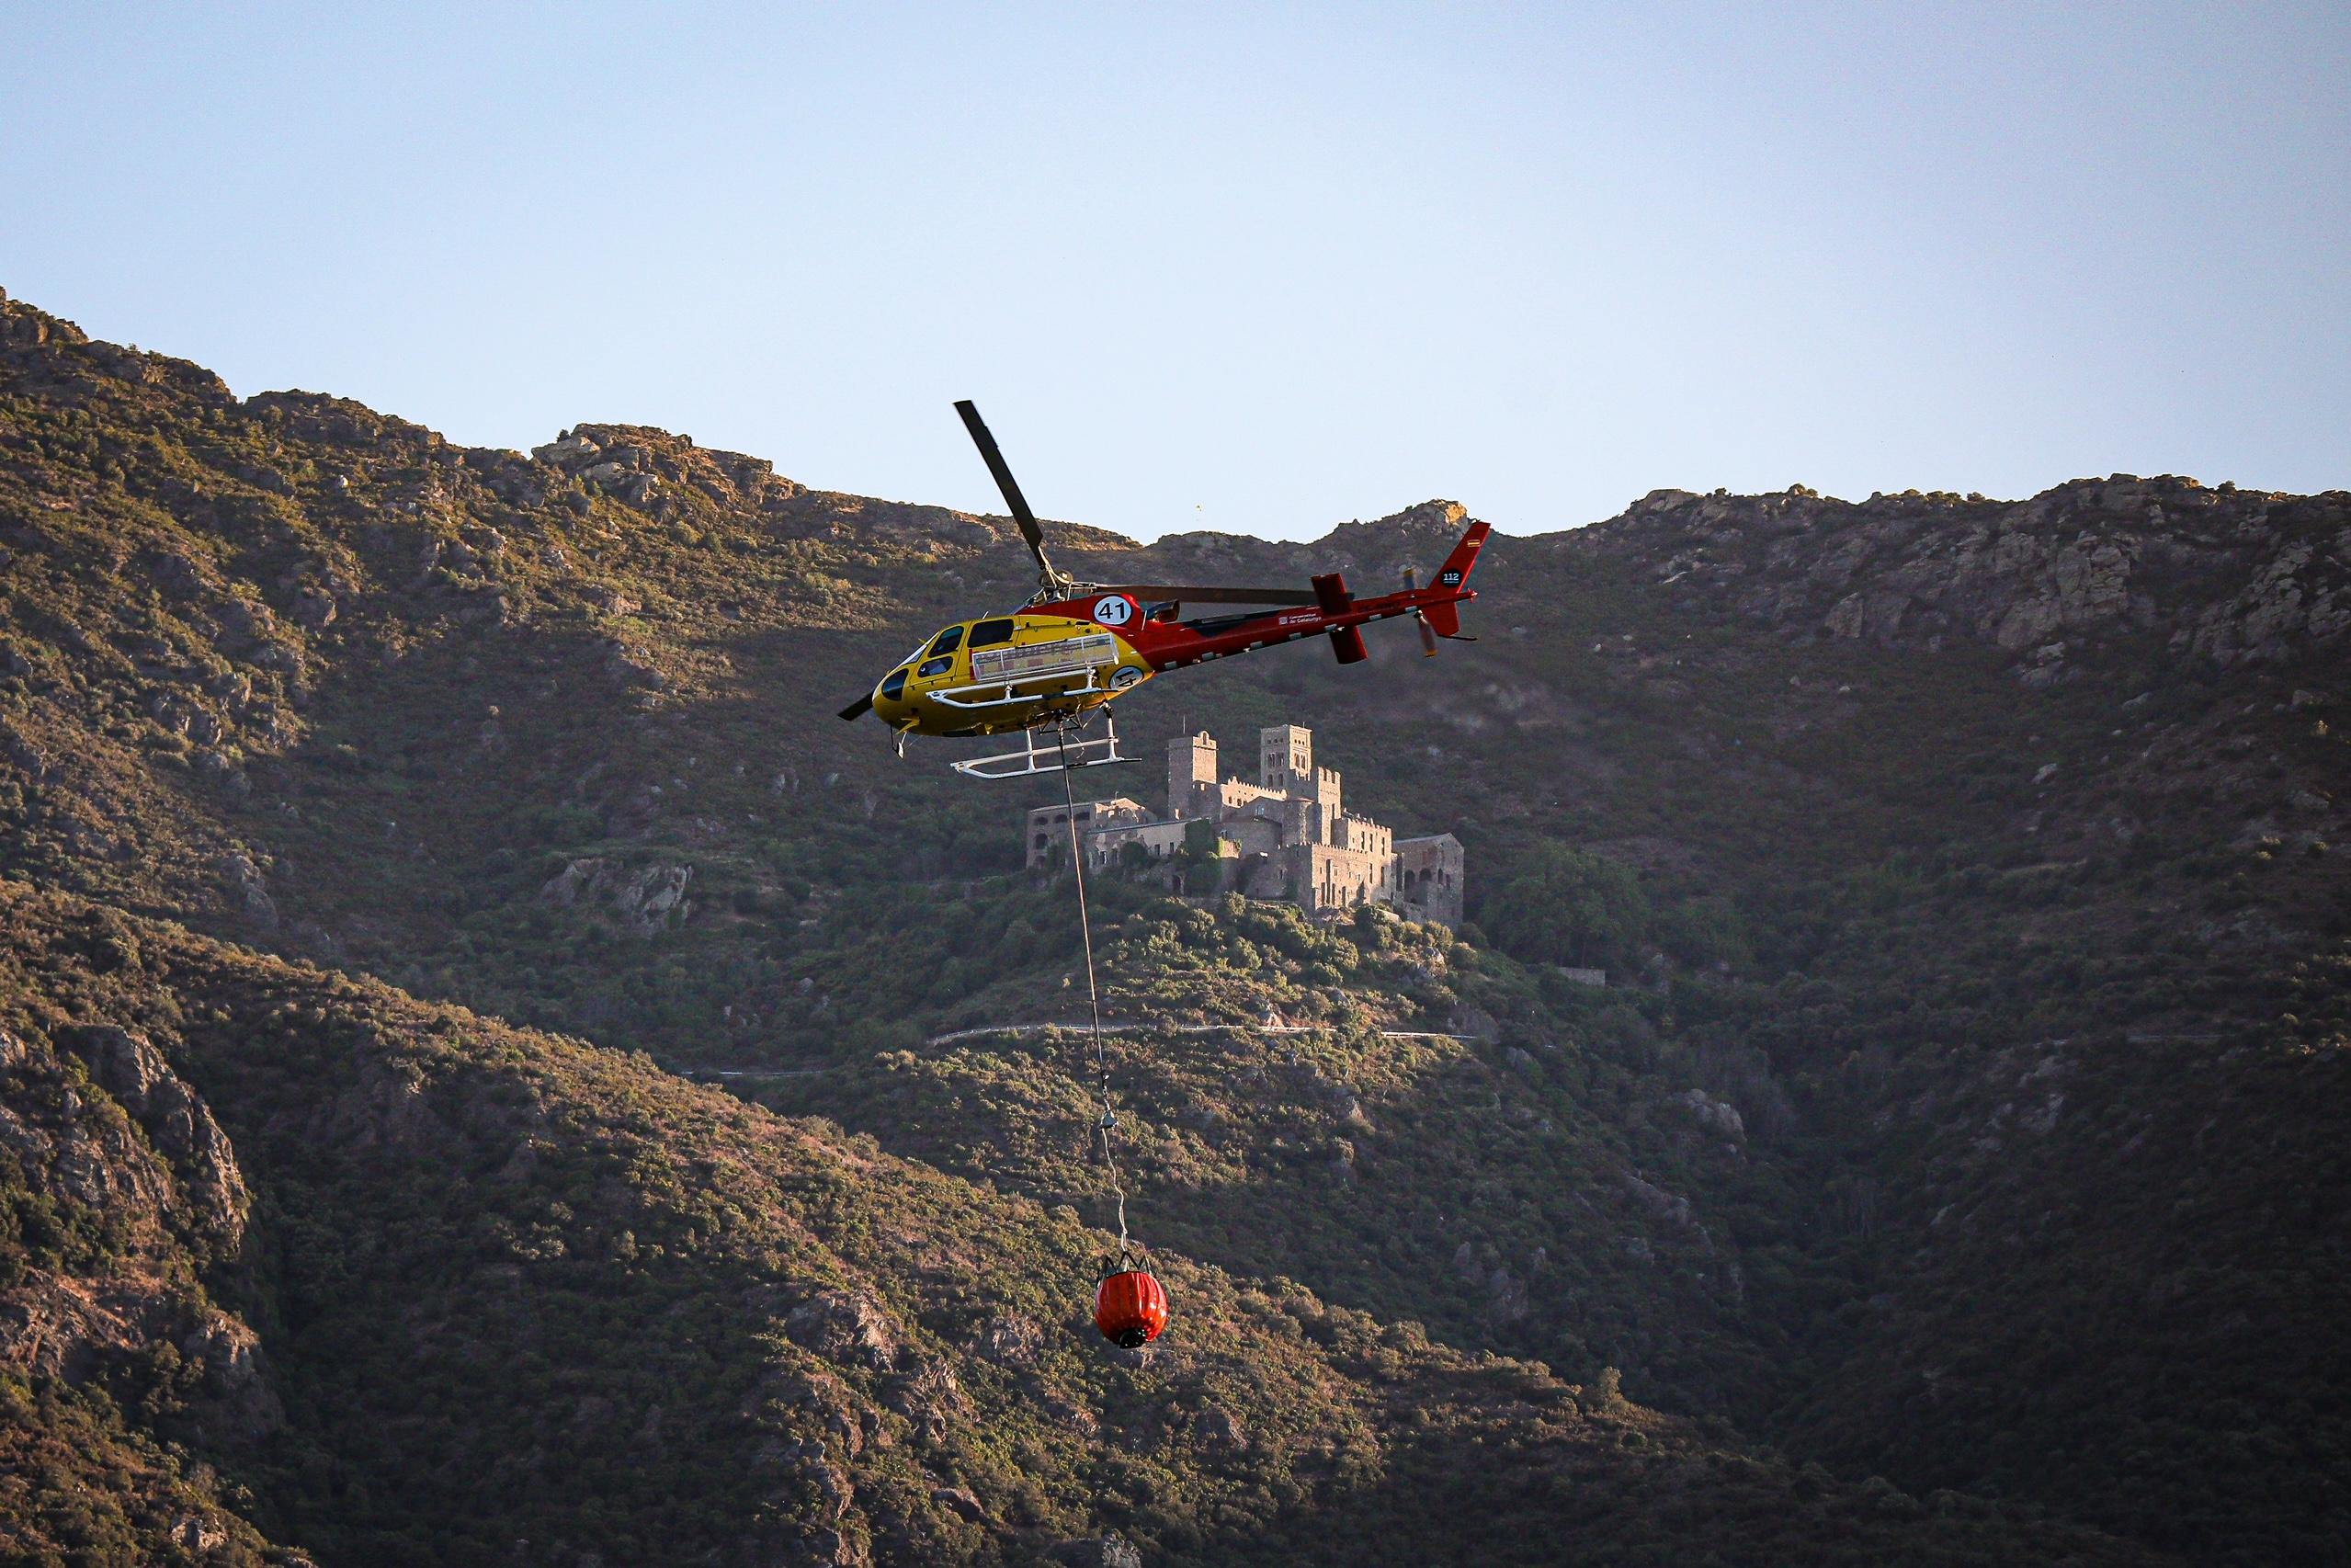 Un helicòpter dels Bombers a prop del monestir de Sant Pere de Rodes, treballant en l'incendi de Llançà / Jordi Borràs